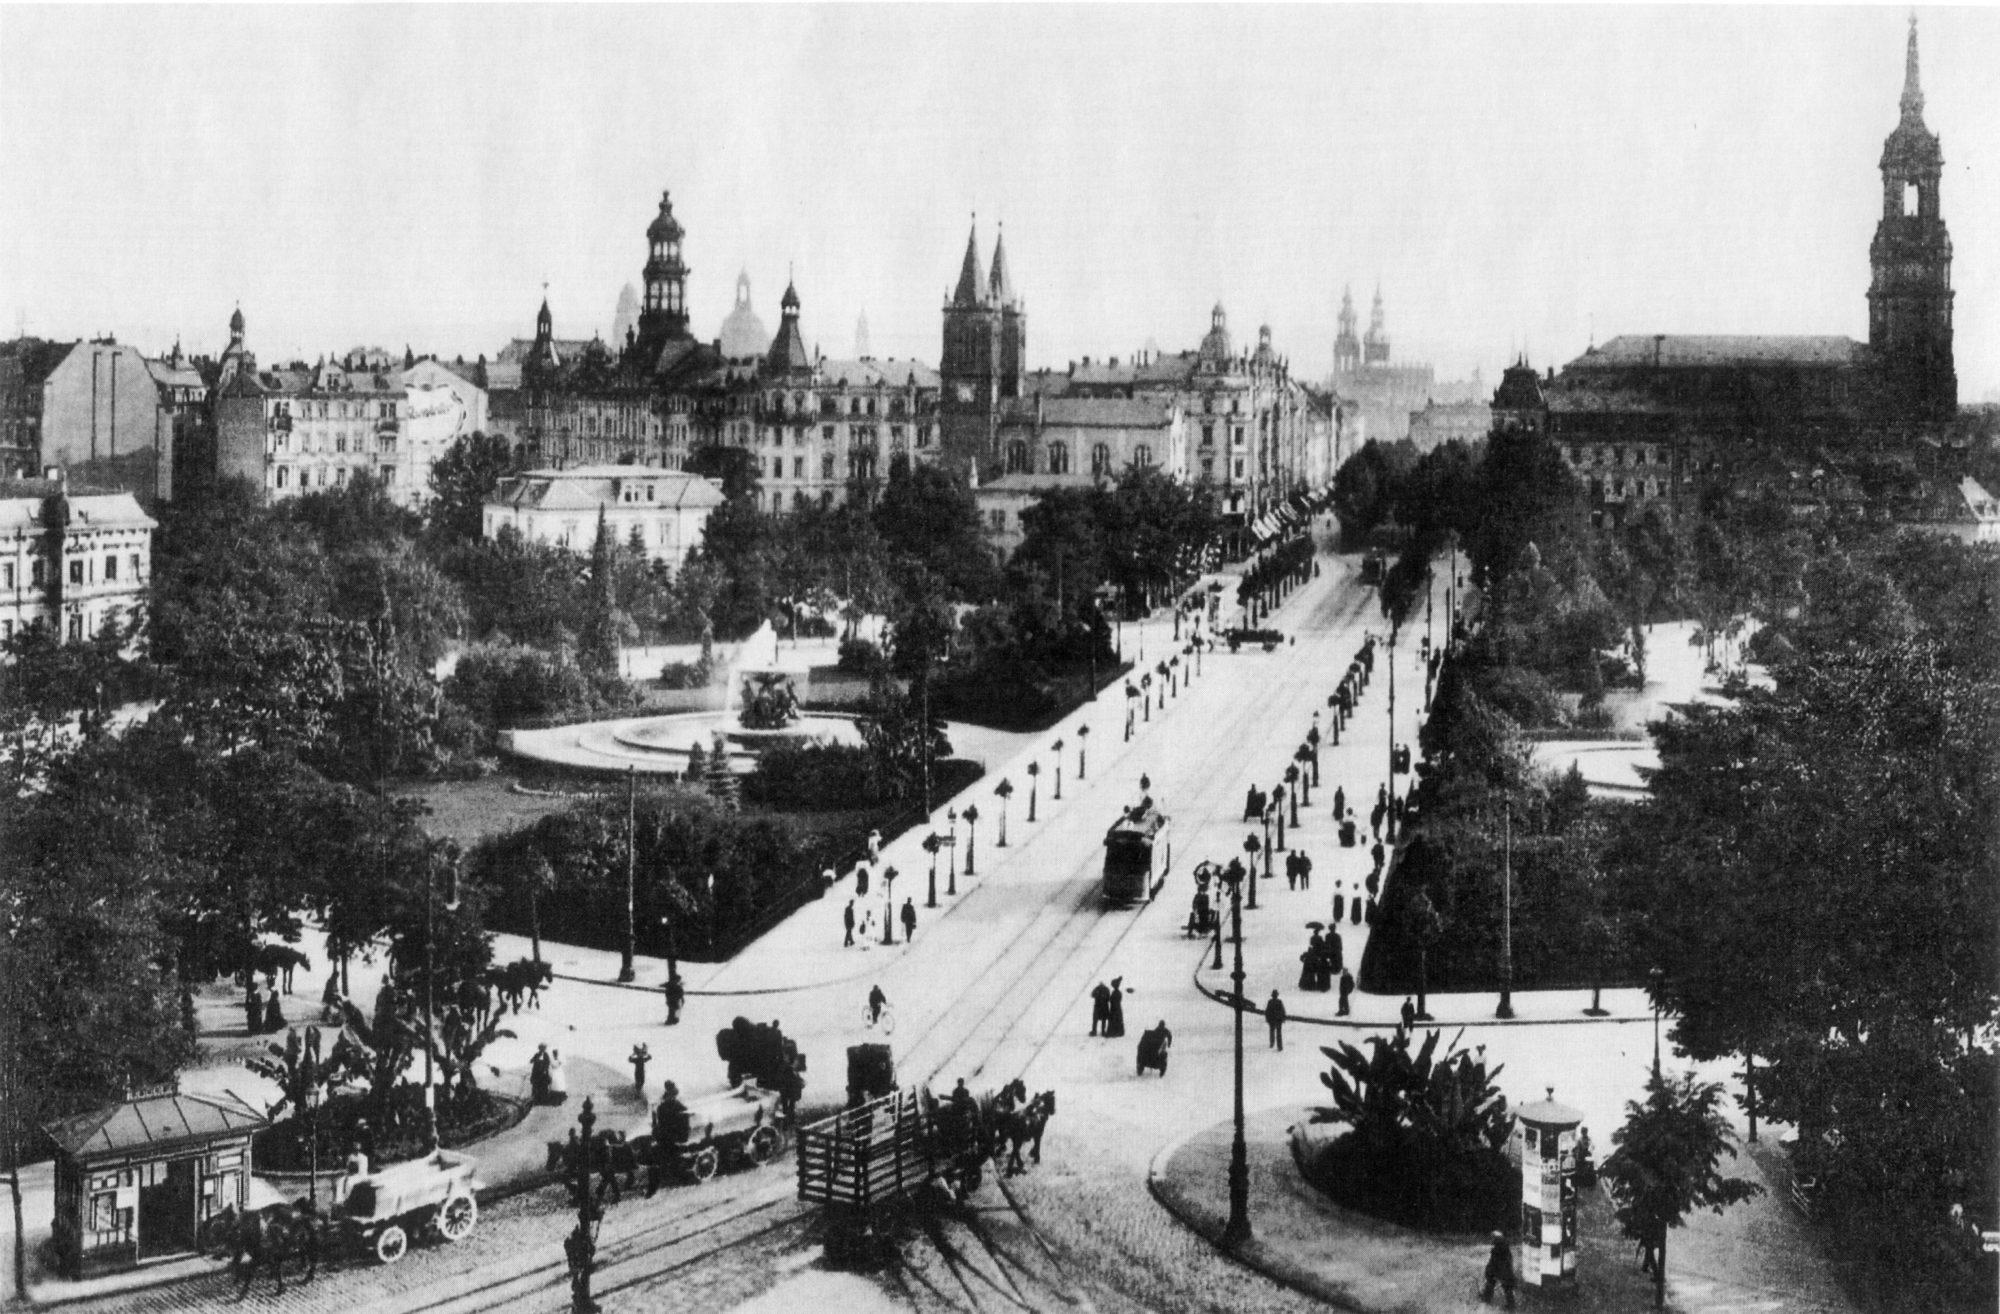 Der Albertplatz zu Beginn des 20. Jahrhunderts, links die Doppeltürme der damaligen Katholischen Pfarrkirche.